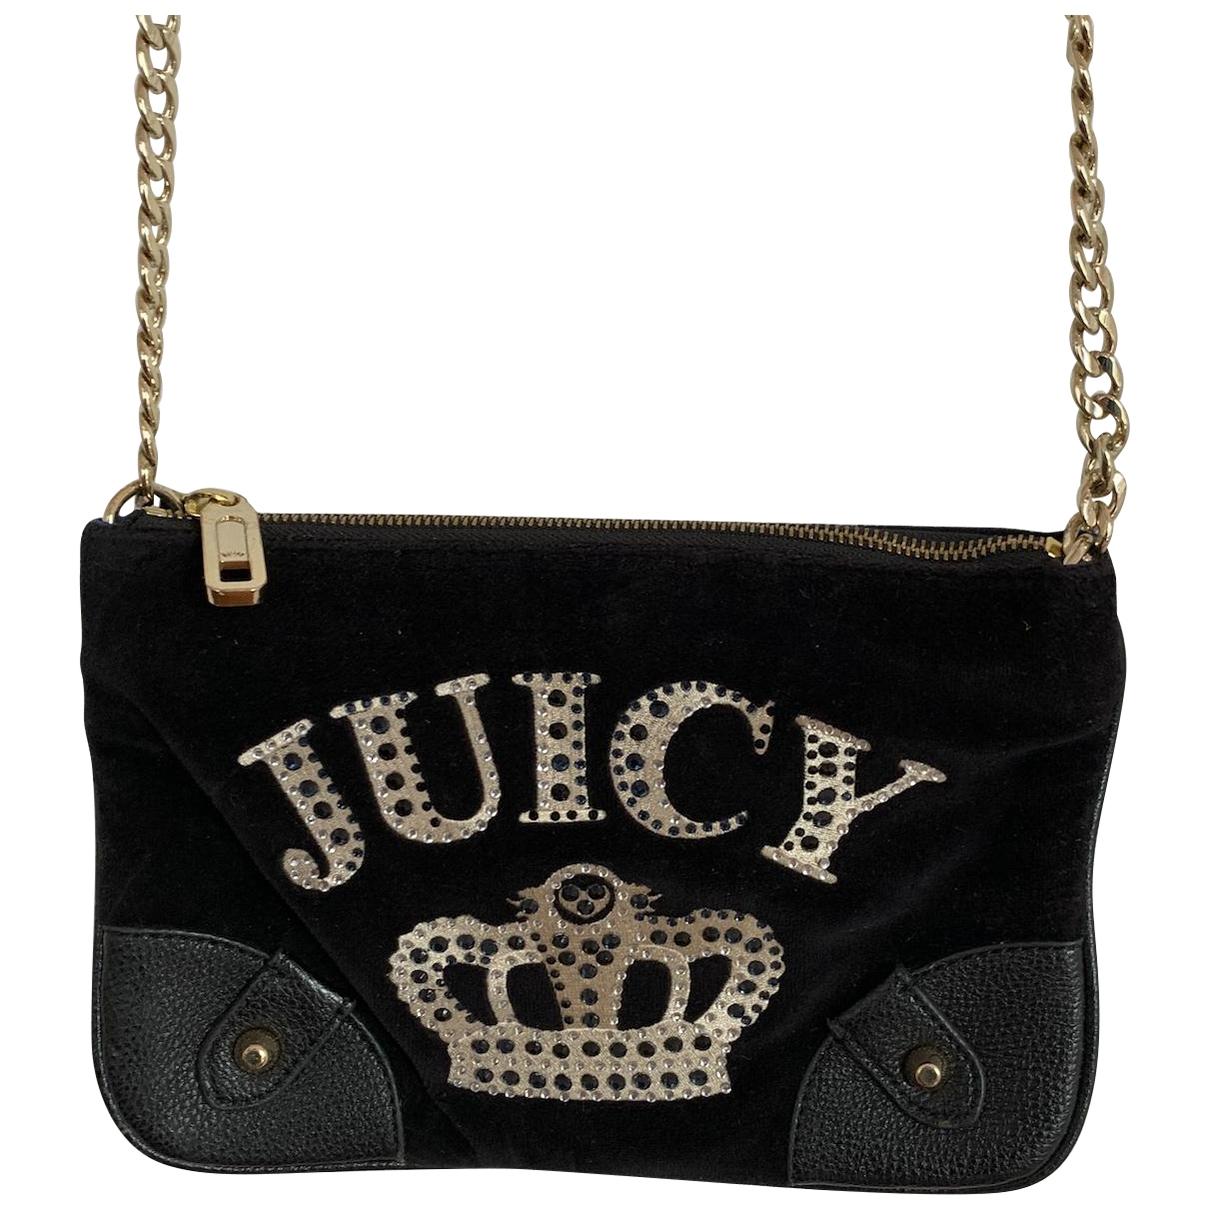 Juicy Couture \N Handtasche in  Schwarz Samt